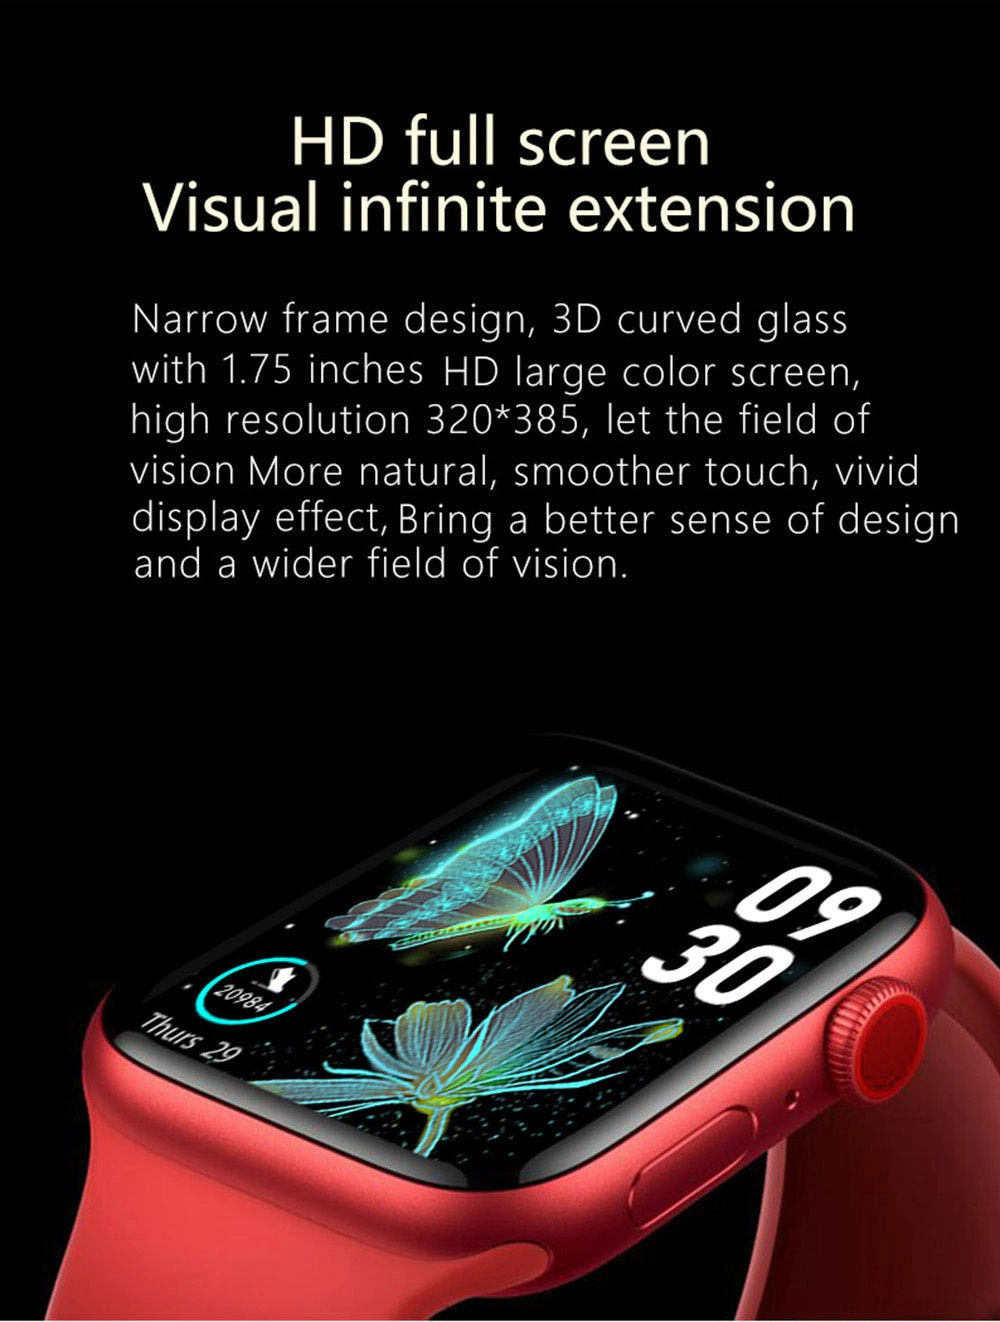 hw22 smartwatch features